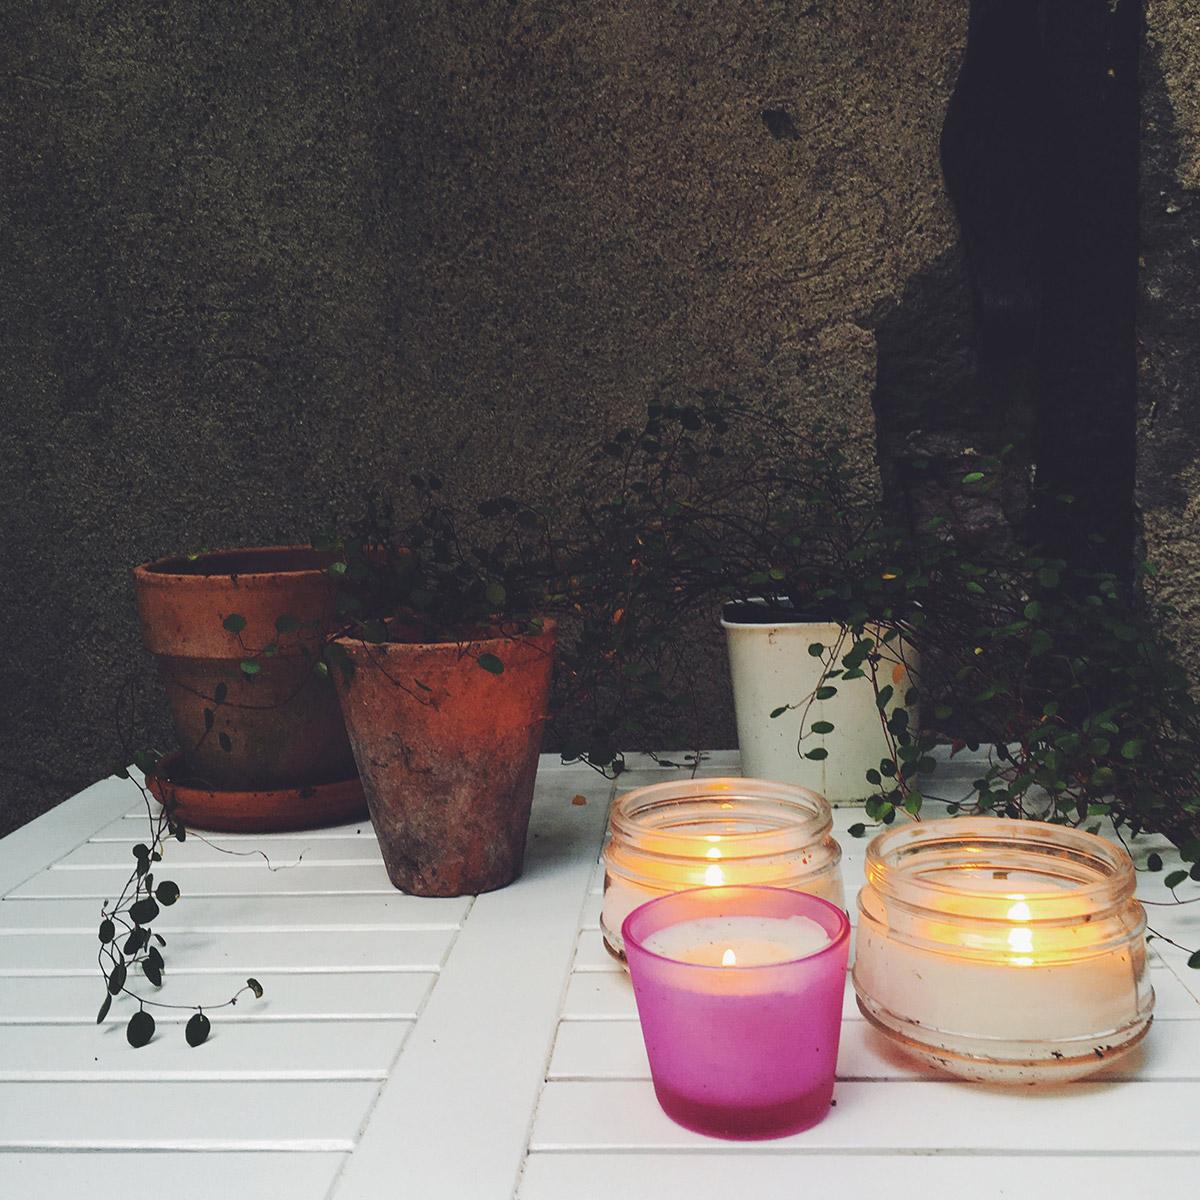 Ein Stilleben aus verschiedenen Blumentöpfen, Pflanzen und Teelichtern in verschiedenen Farben